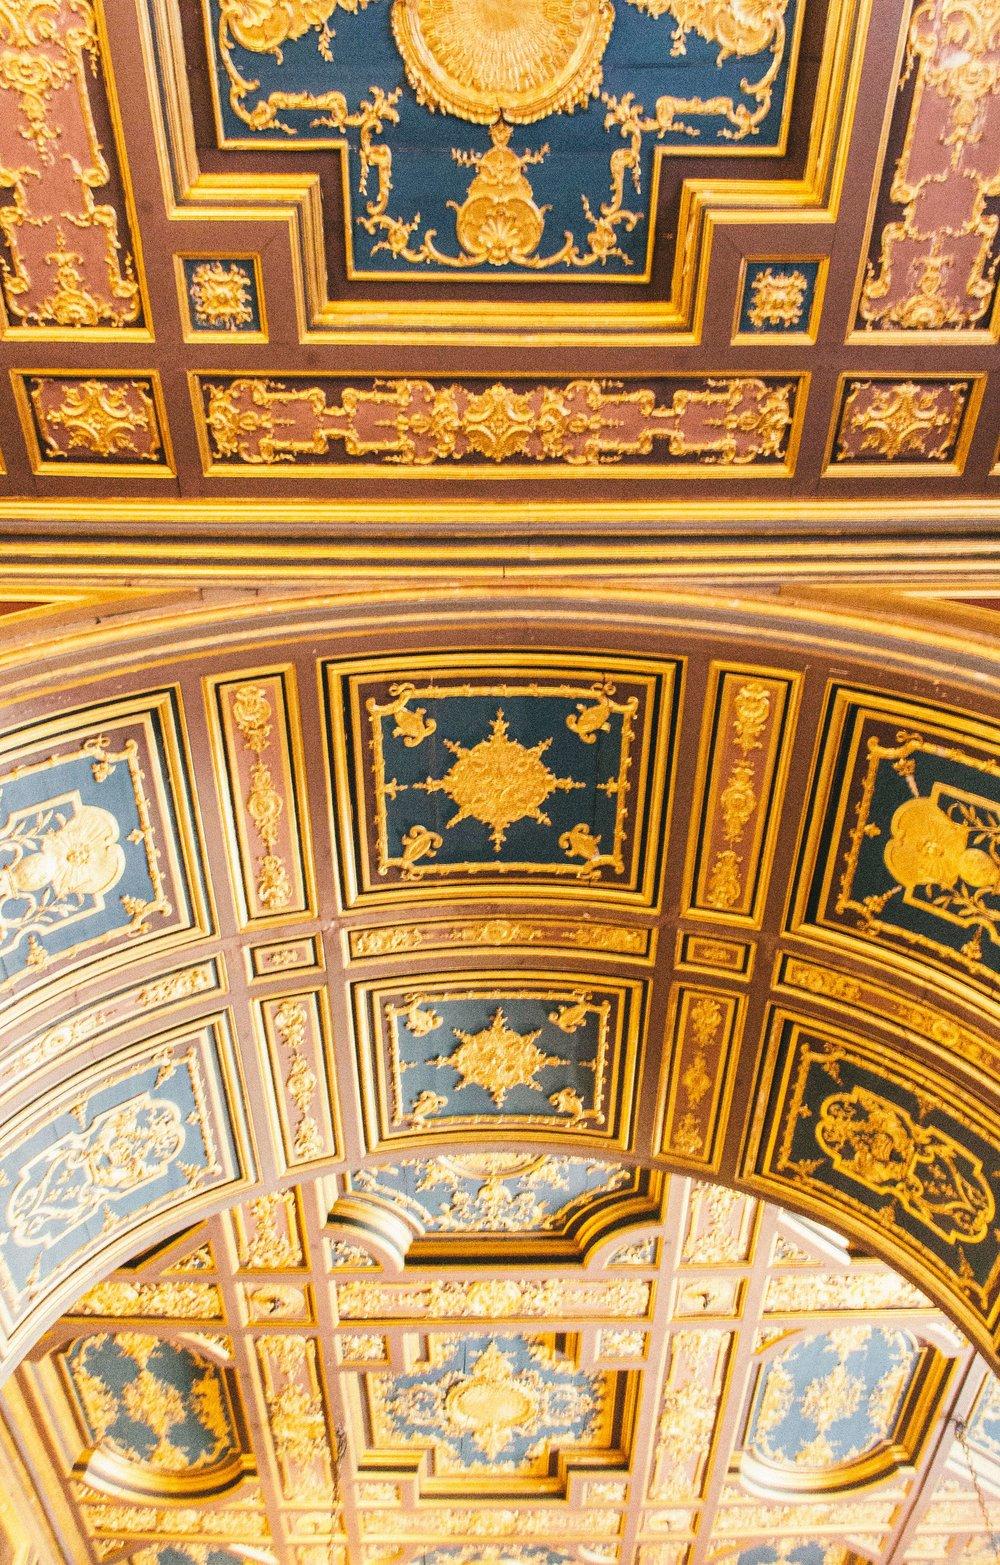 chateau-de-fontainebleau-interior.jpg